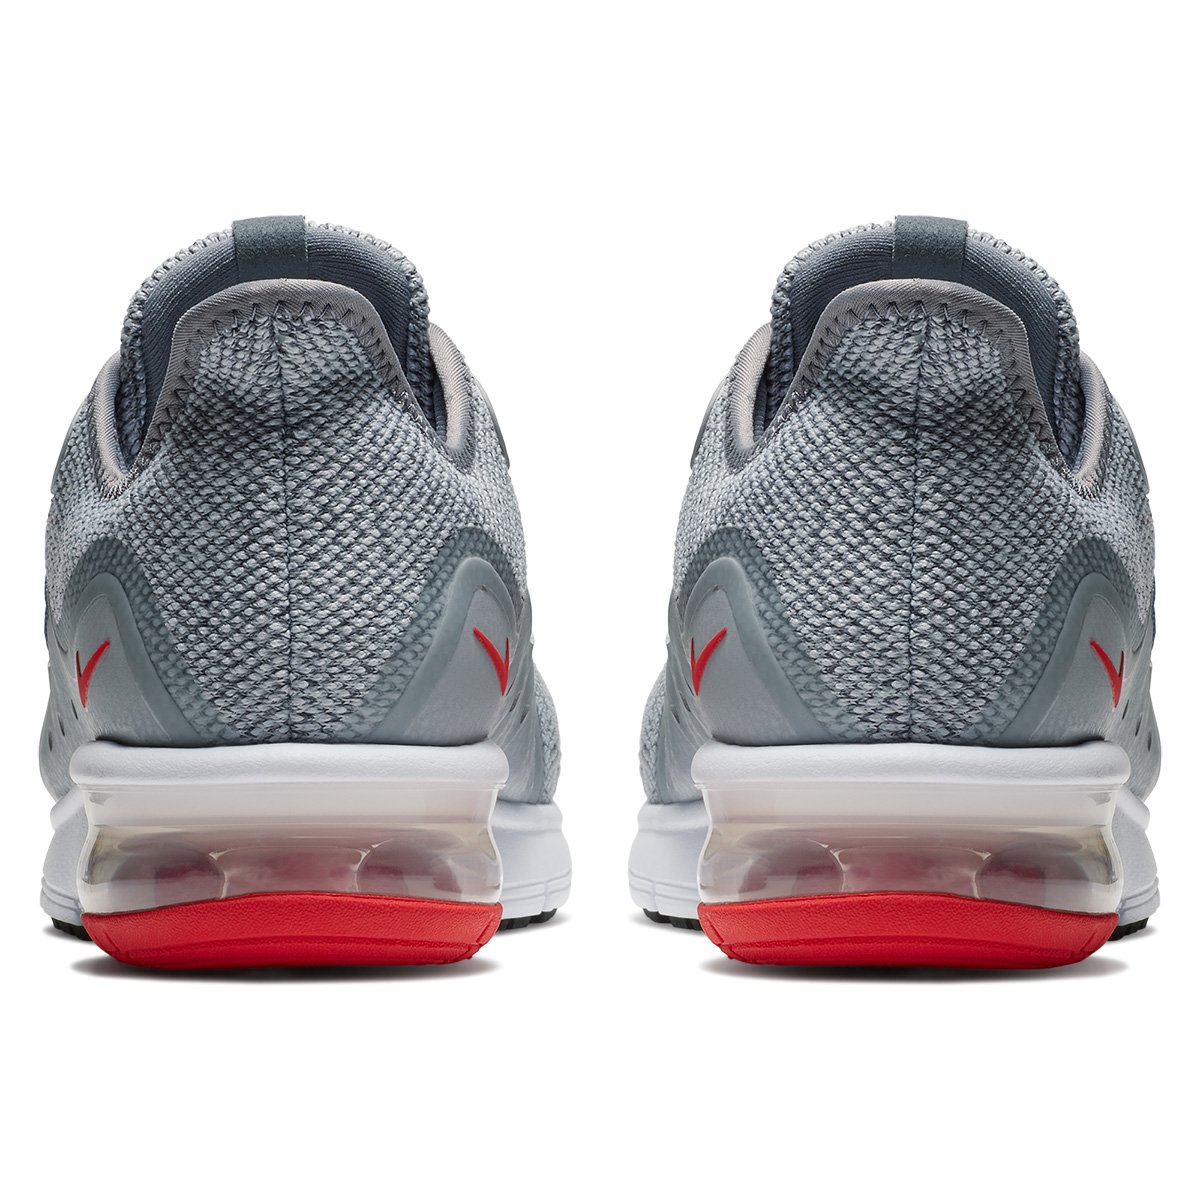 7ab21fc2d ... Foto 2 - Tênis Nike Air Max Sequent 3 Masculino